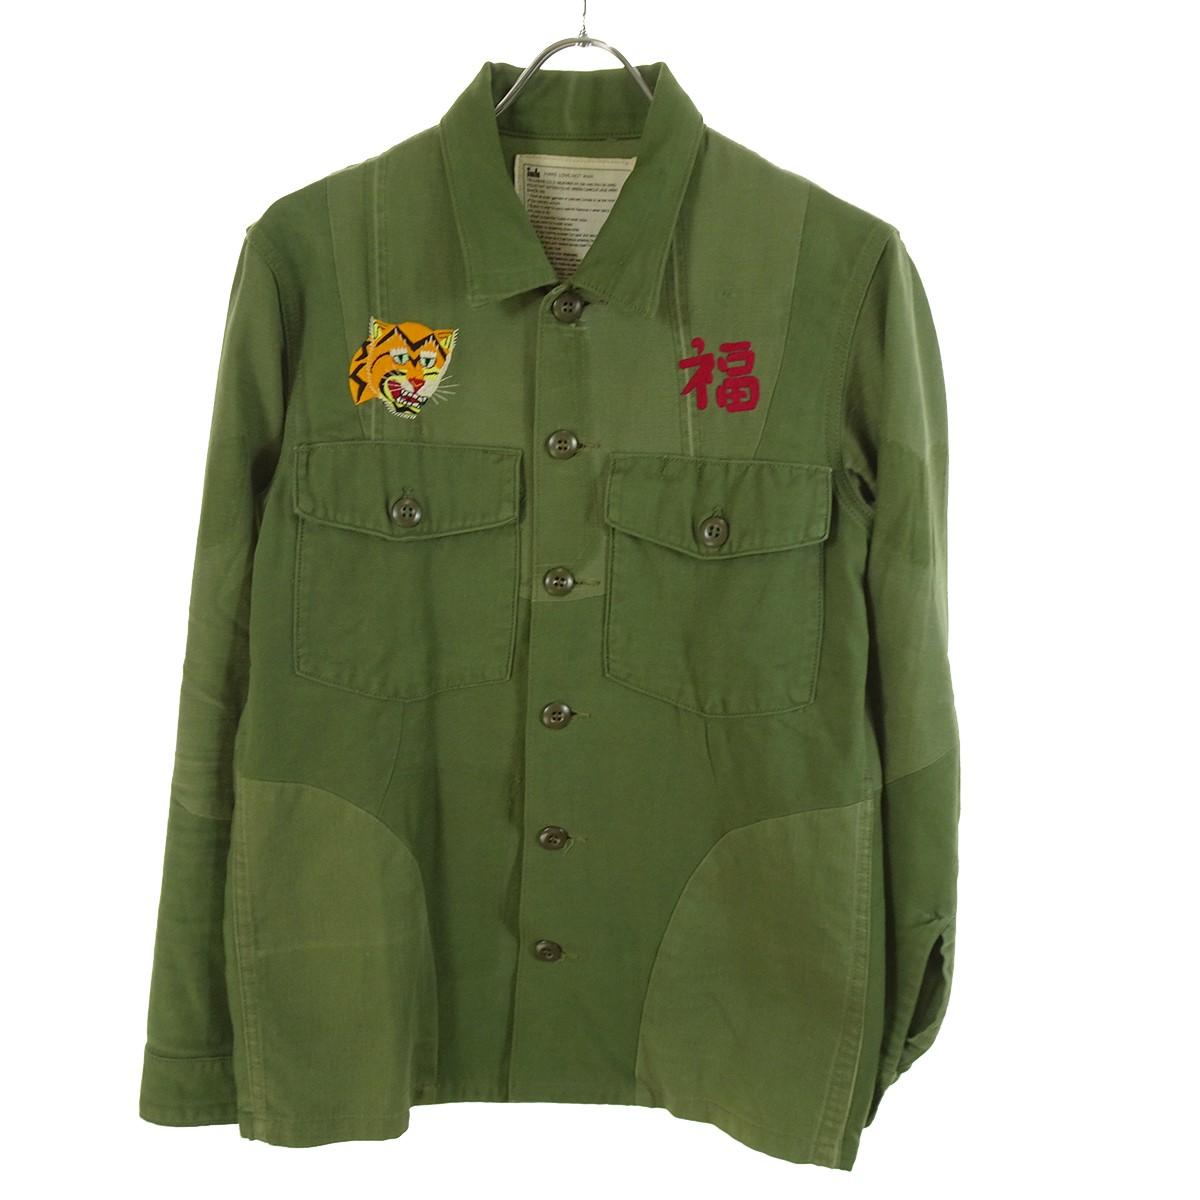 【中古】INK Remake Vietnam Army Shirts リメイク加工ジャケット オリーブ サイズ:M 【160420】(インク)